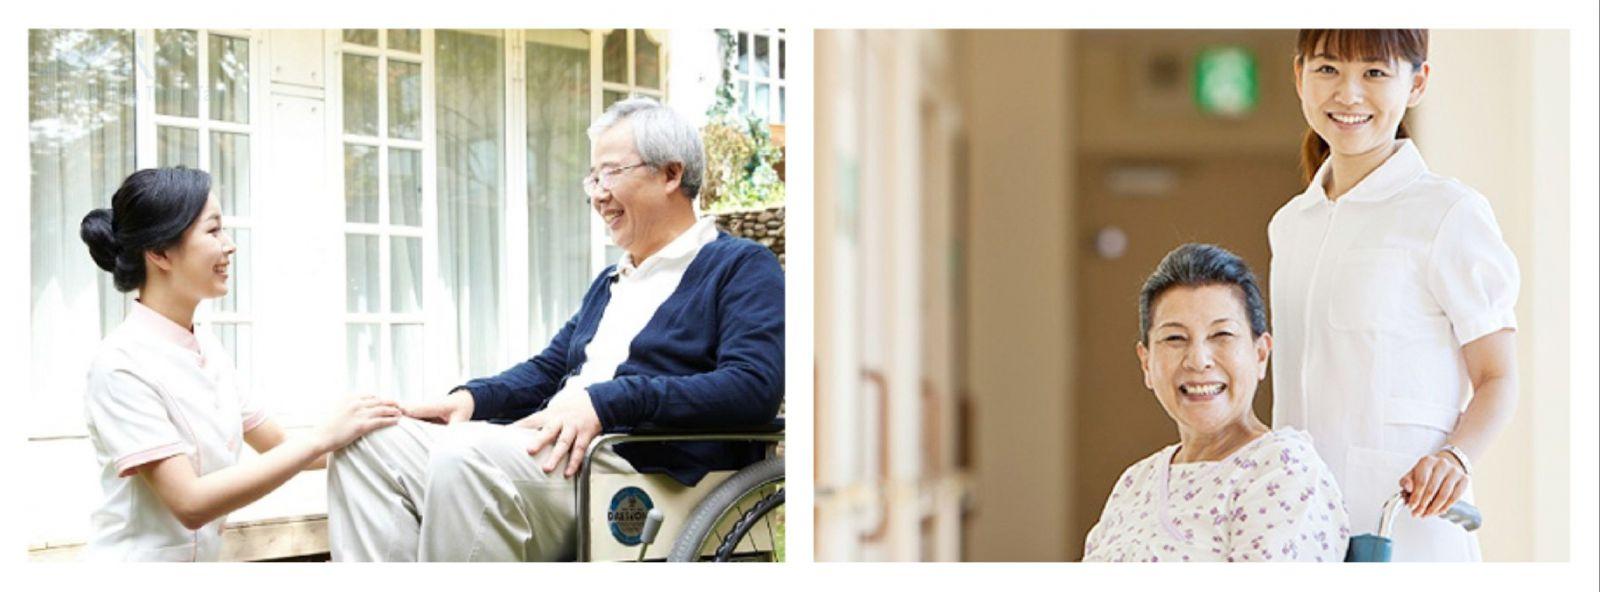 Chăm sóc người già tại quận 10